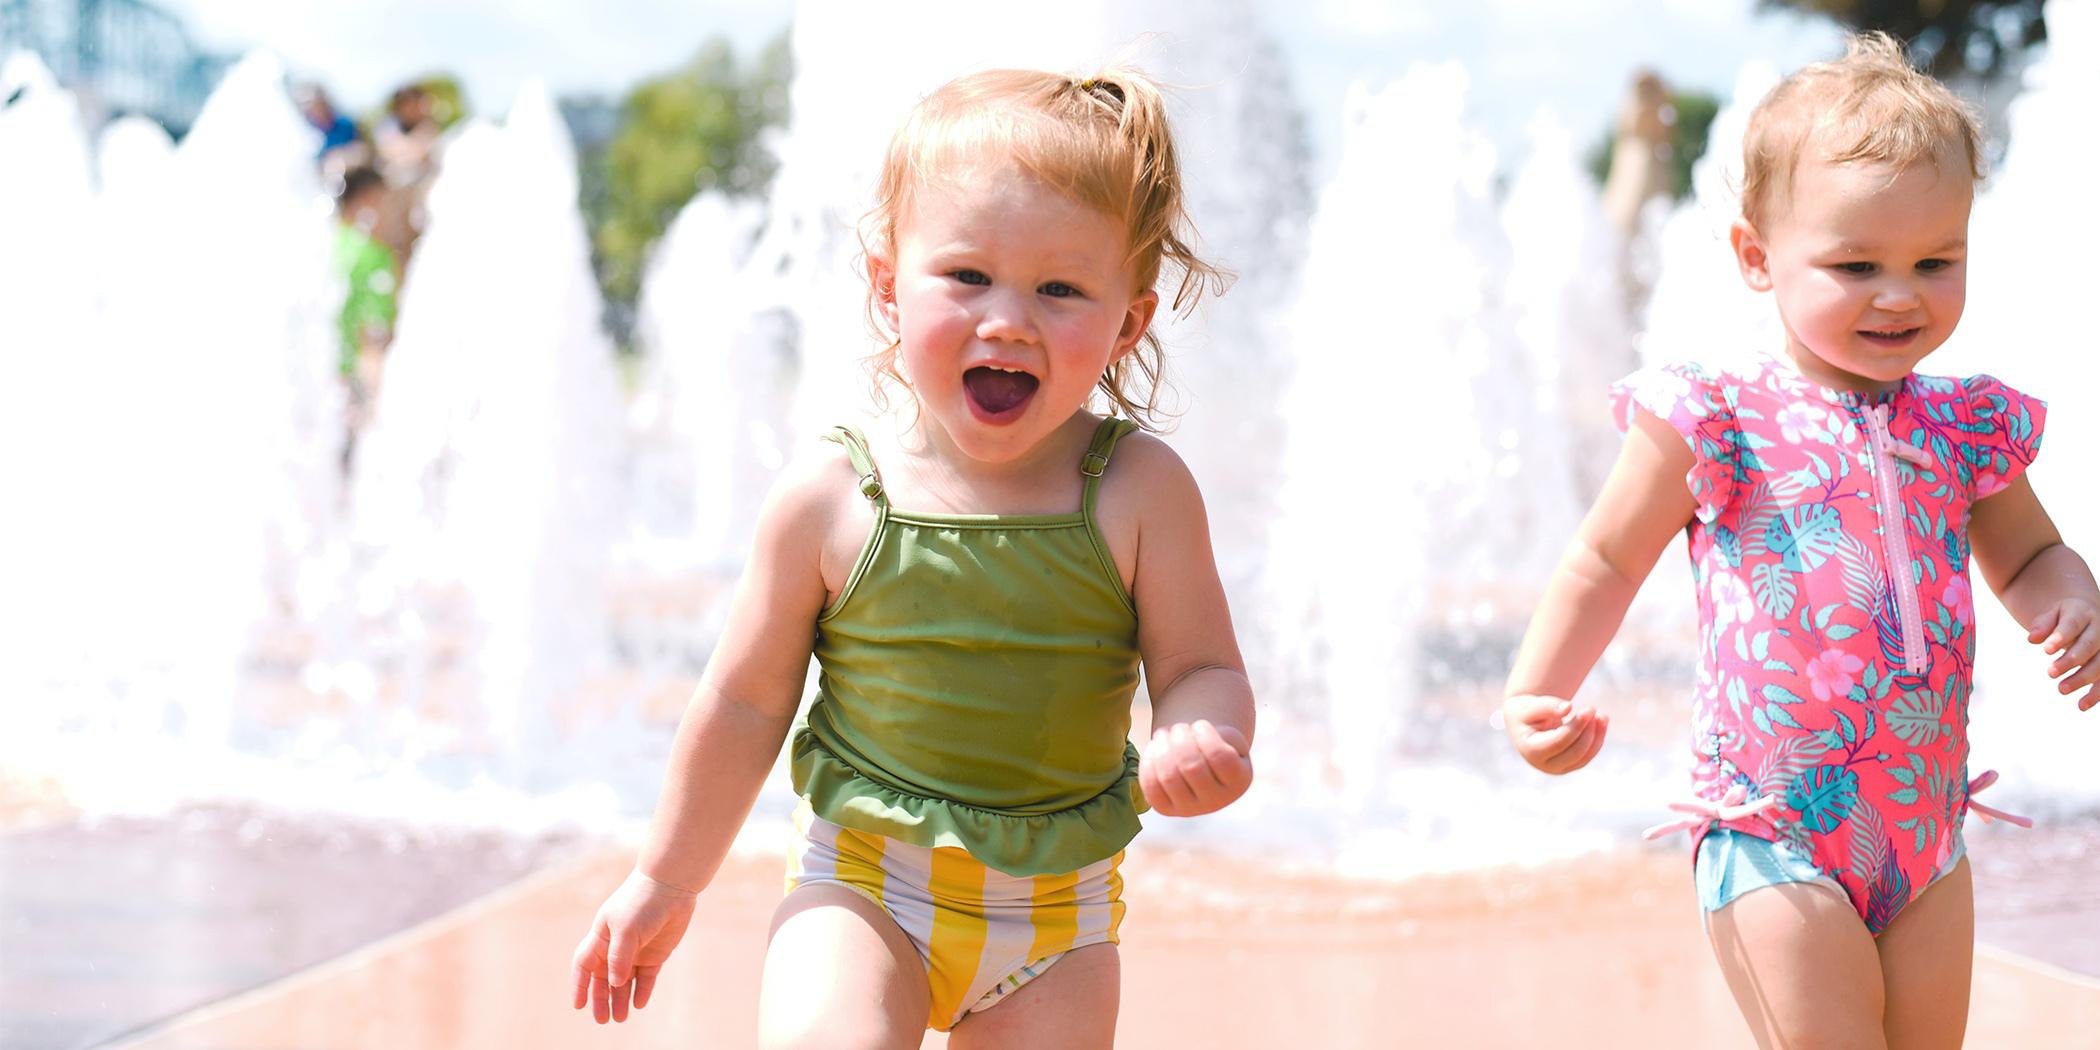 """Podczas upałów pozwalasz dziecku beztrosko pluskać się w miejskiej fontannie? """"Chłodzisz"""" je gronkowcem, salmonellą i bakteriami kałowymi!"""